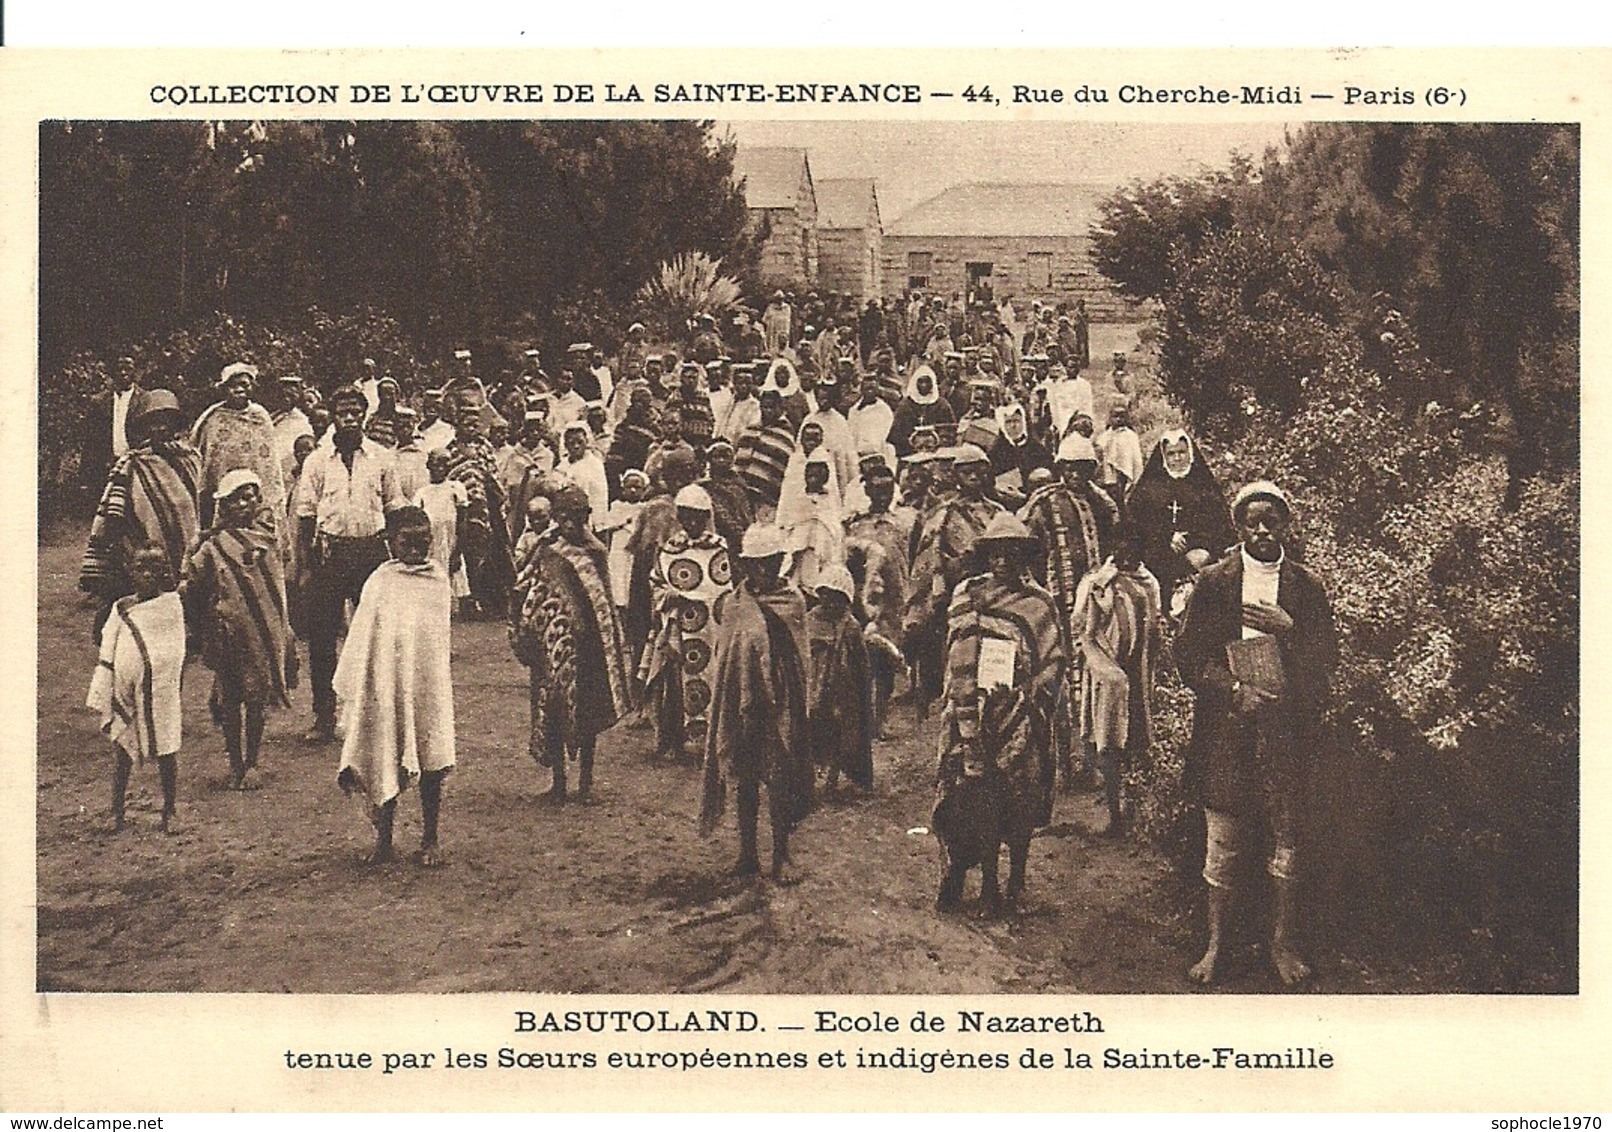 AFRIQUE - LESOYHO - BASUTOLAND - Ecole De Nazareth - Soeur Européennes Et Indigènes - Lesotho